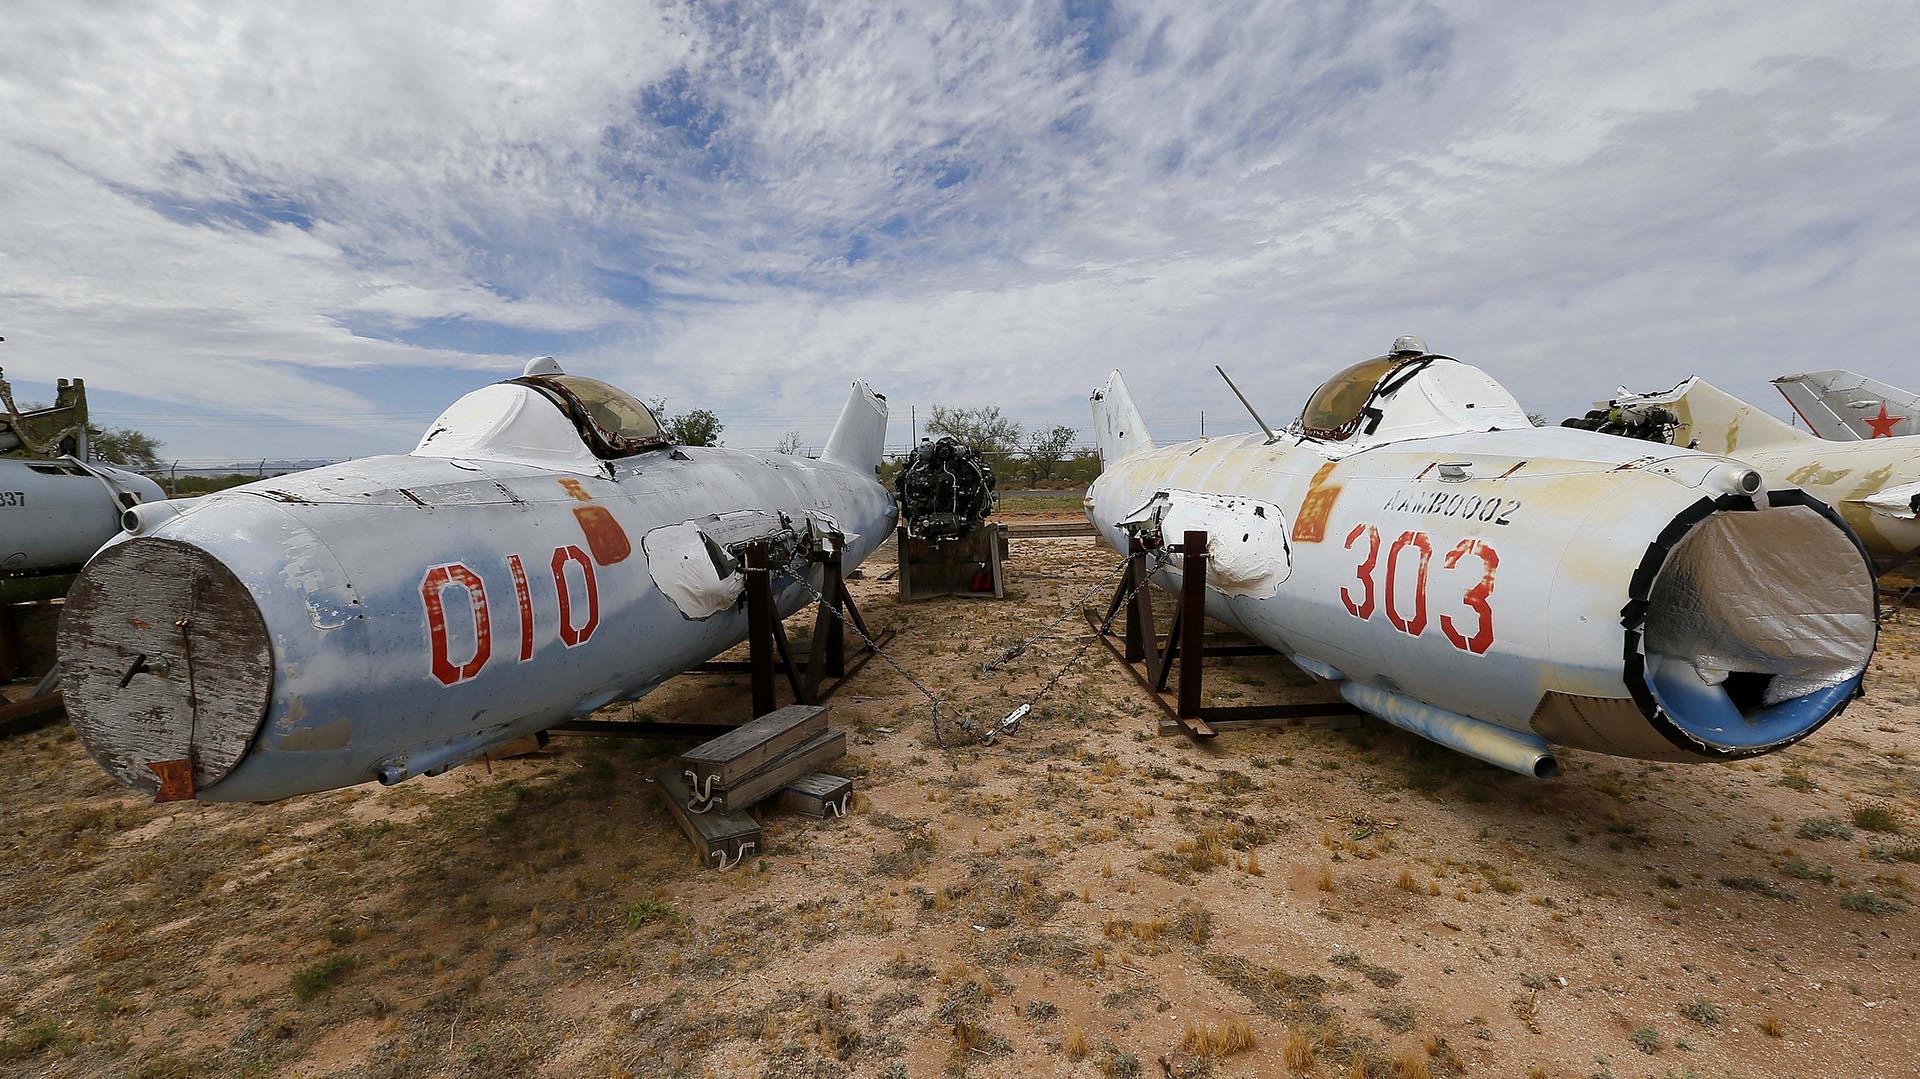 Cementerio de aviones: donde mueren los gigantes